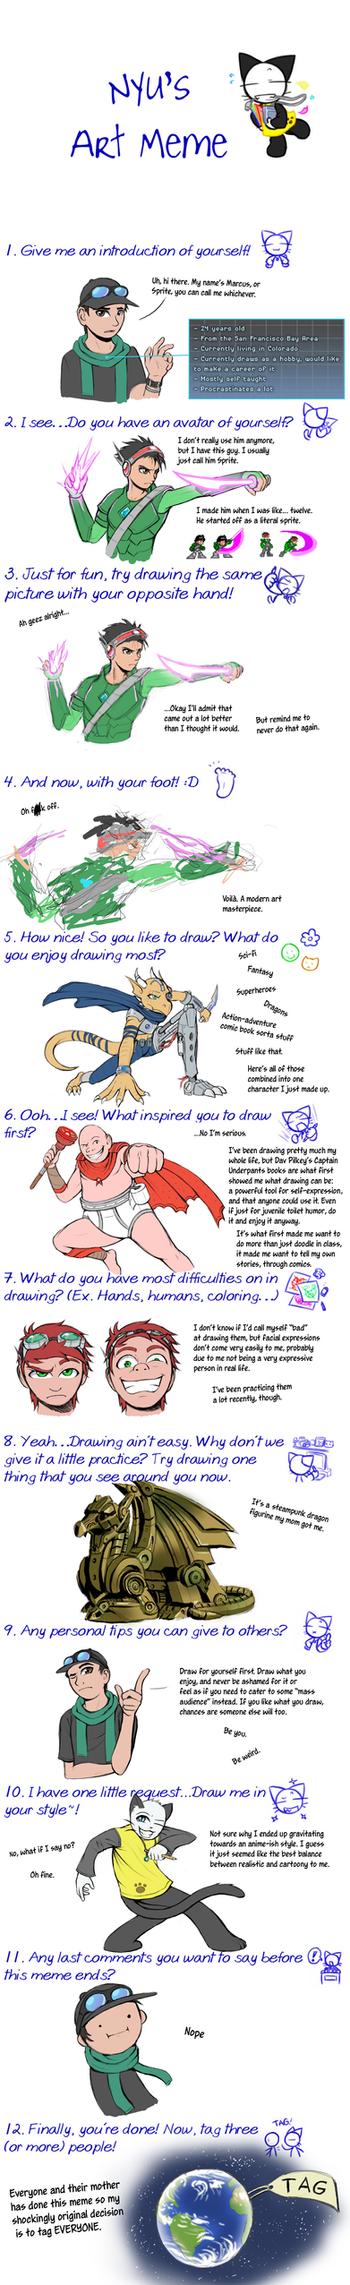 Nyu's Art Meme by Spritedude